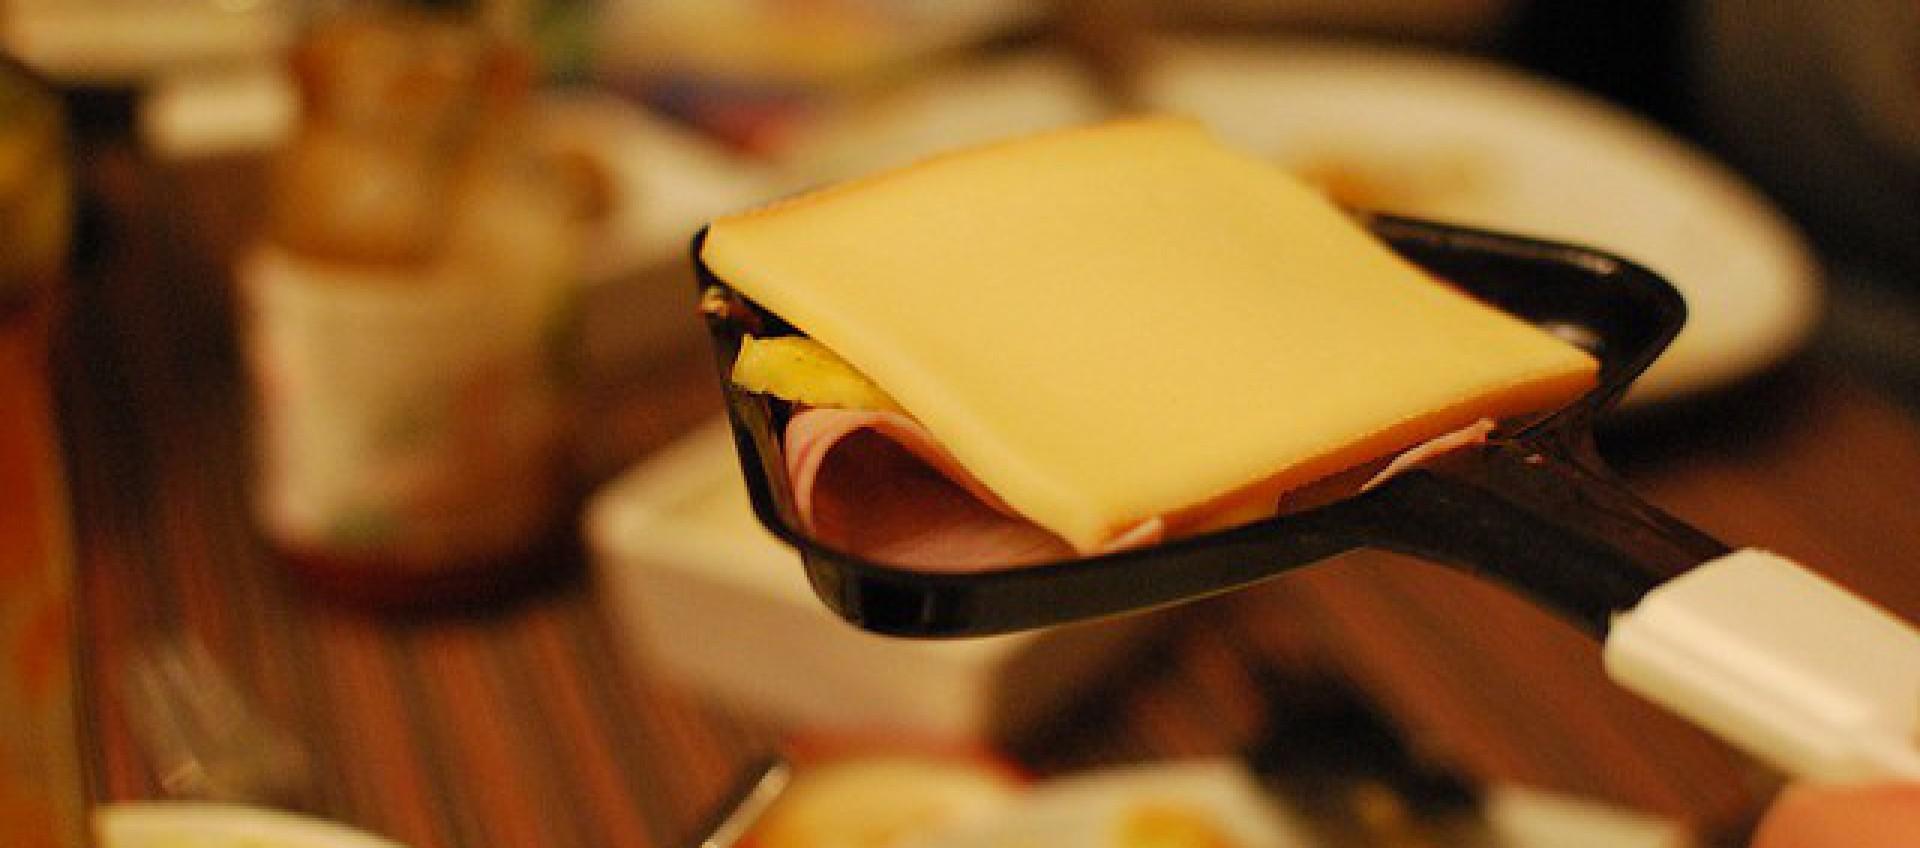 La raclette ....